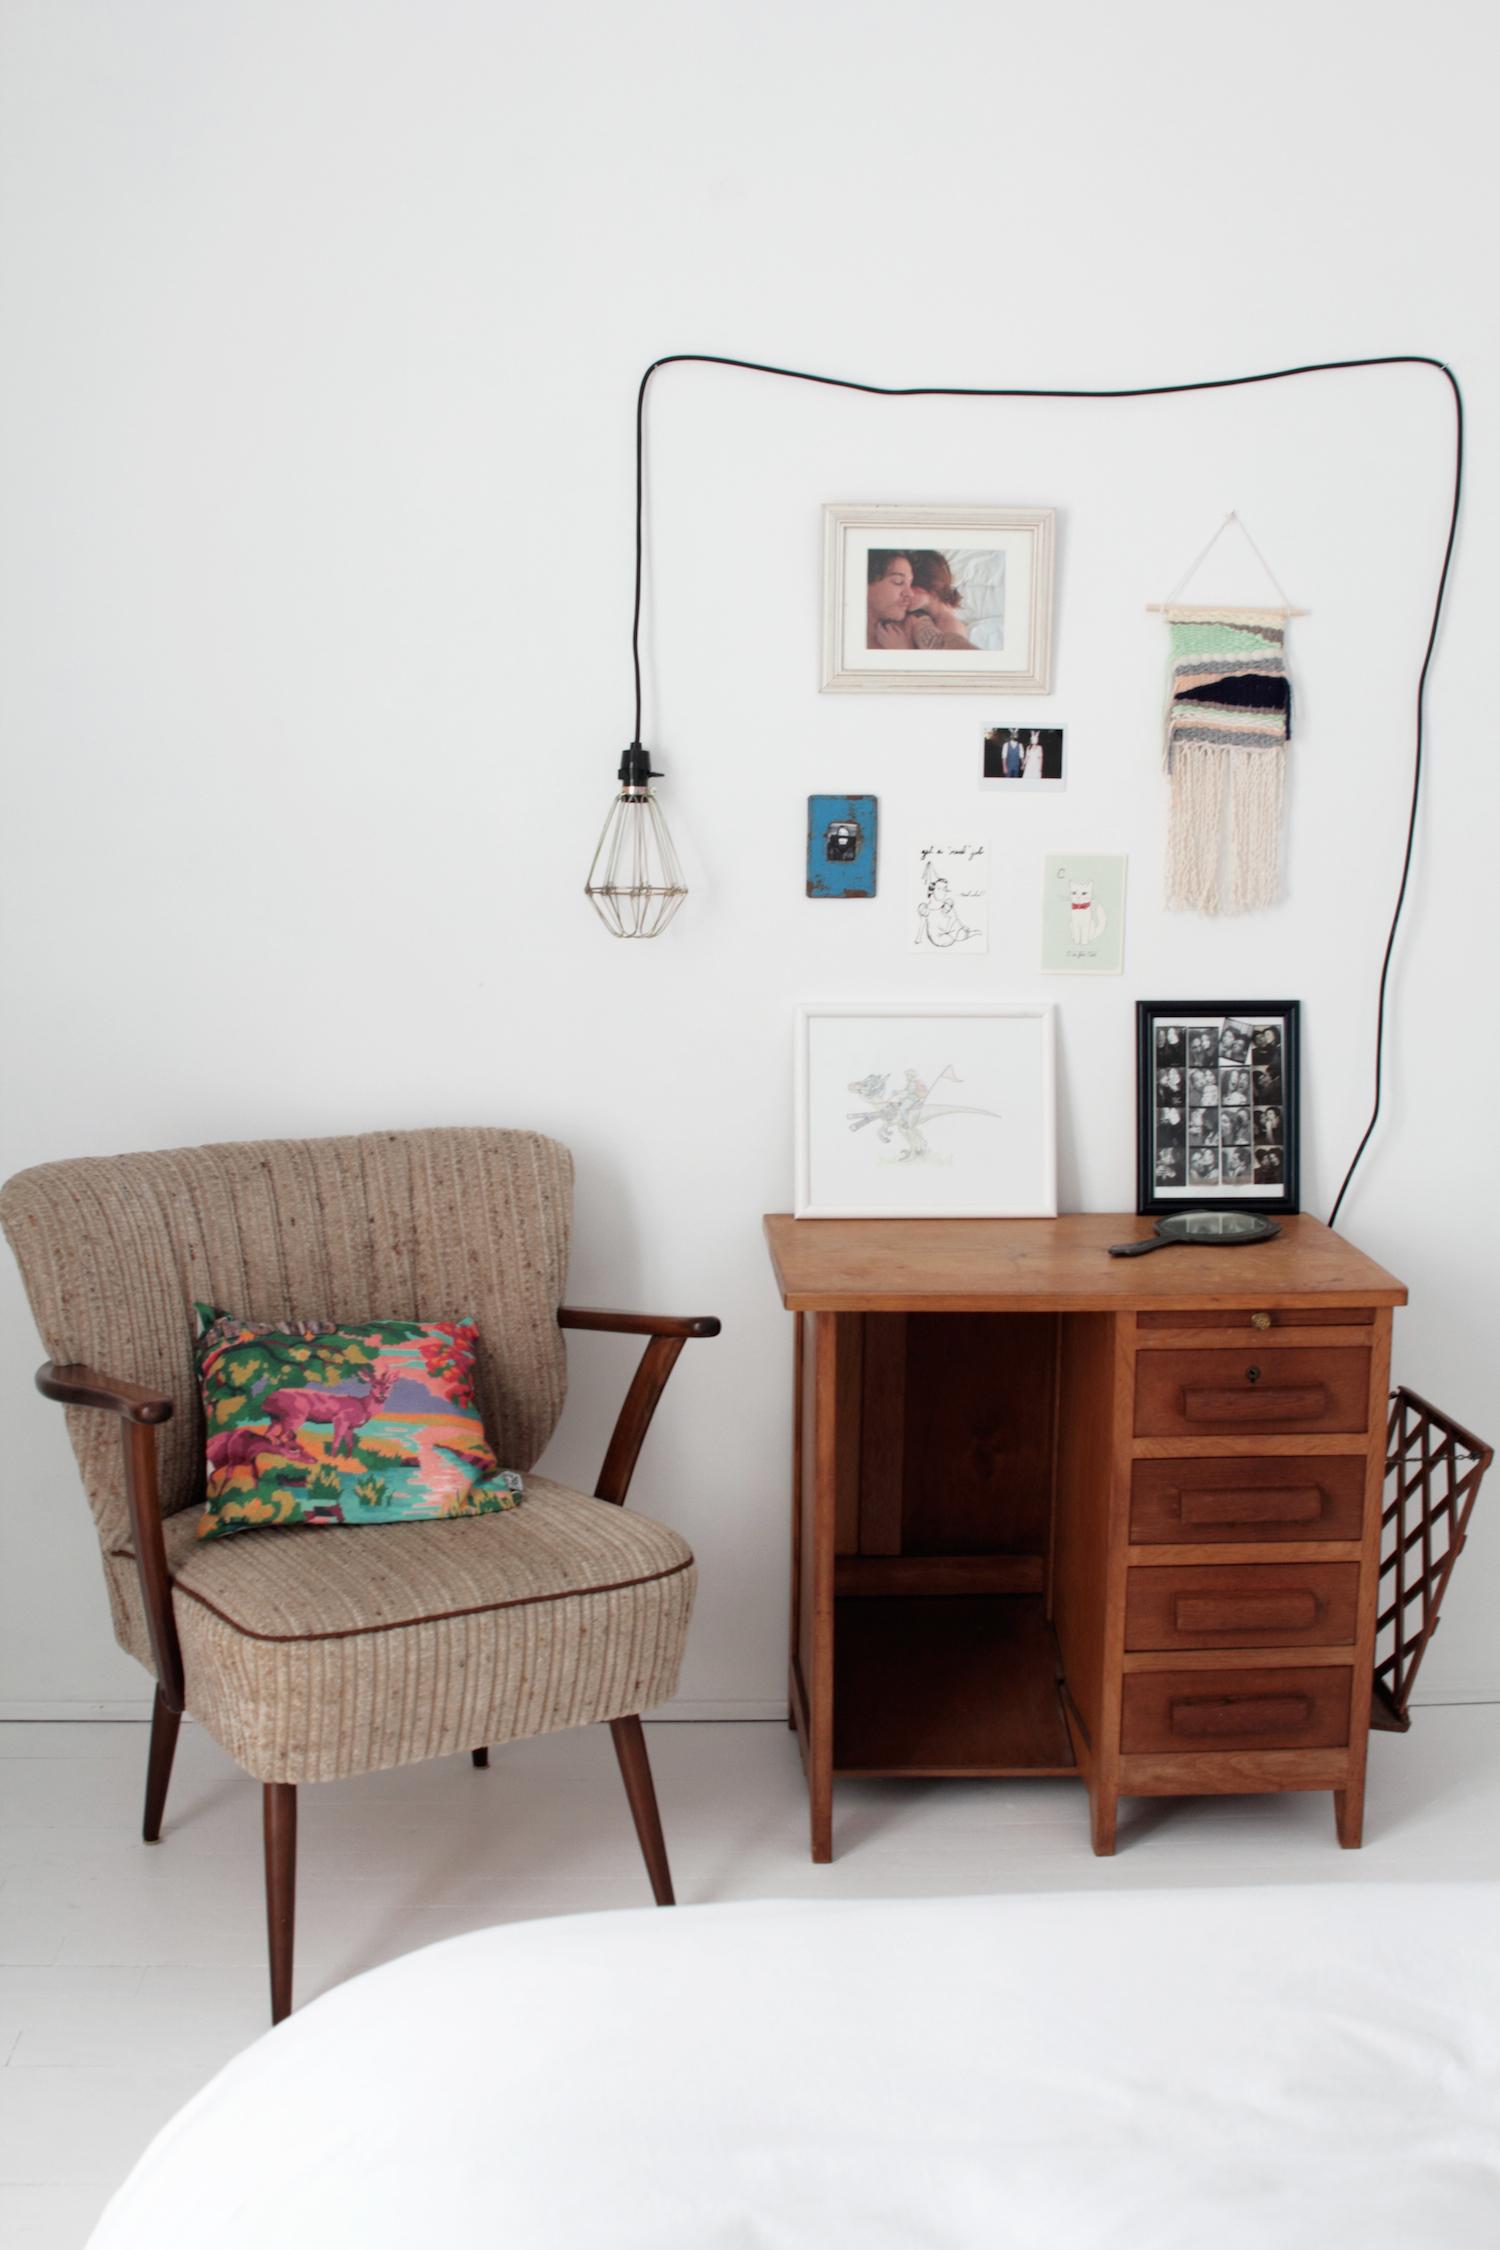 visite privee maison ville scandinave amelie christophe 2464 h ll blogzine. Black Bedroom Furniture Sets. Home Design Ideas